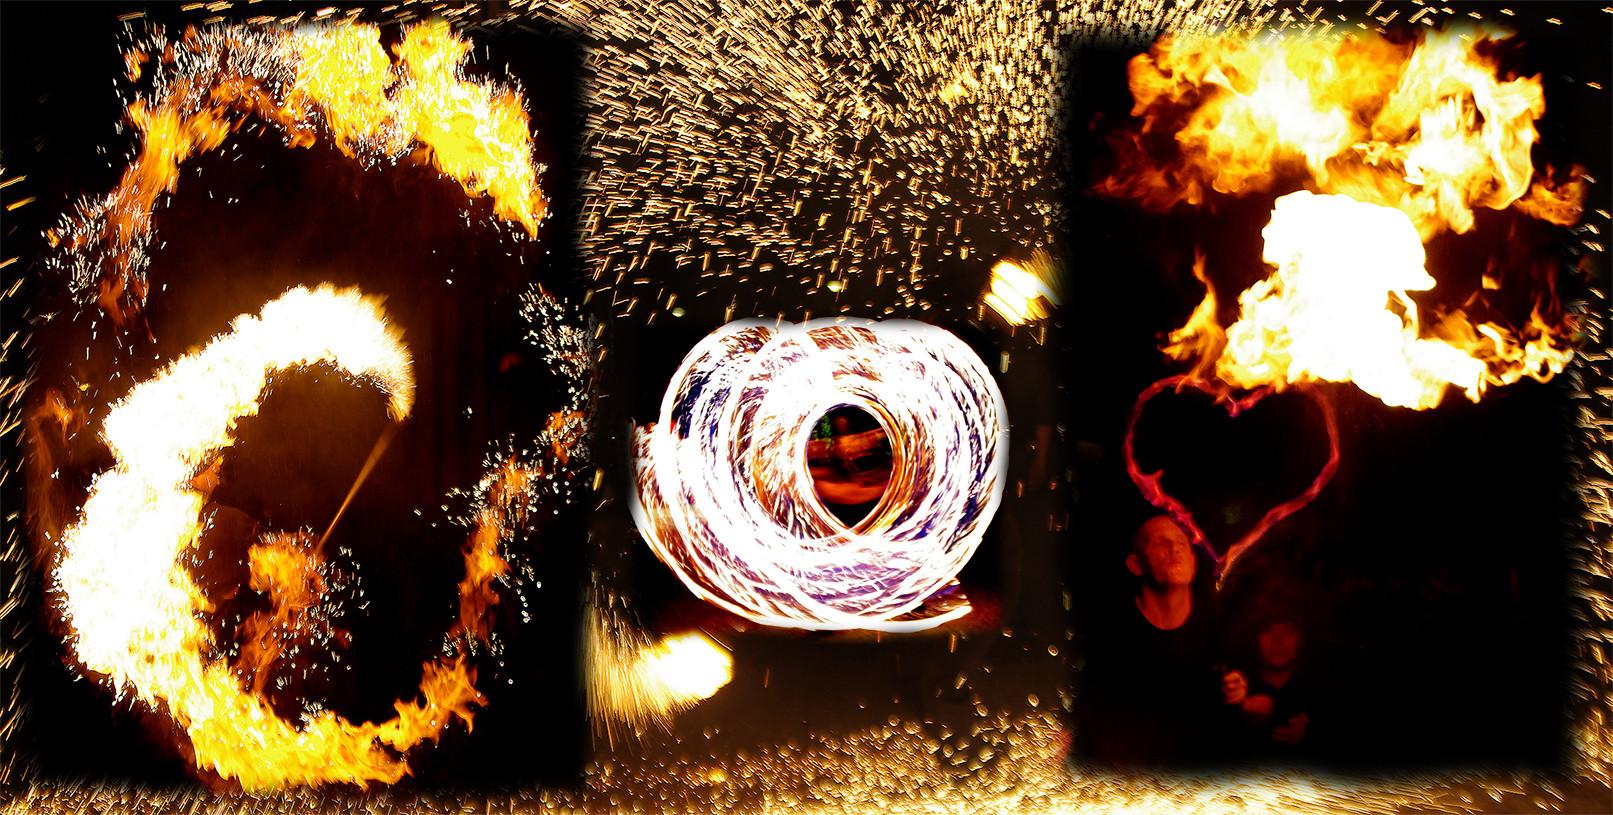 Feuerwerk Ansicht.jpg